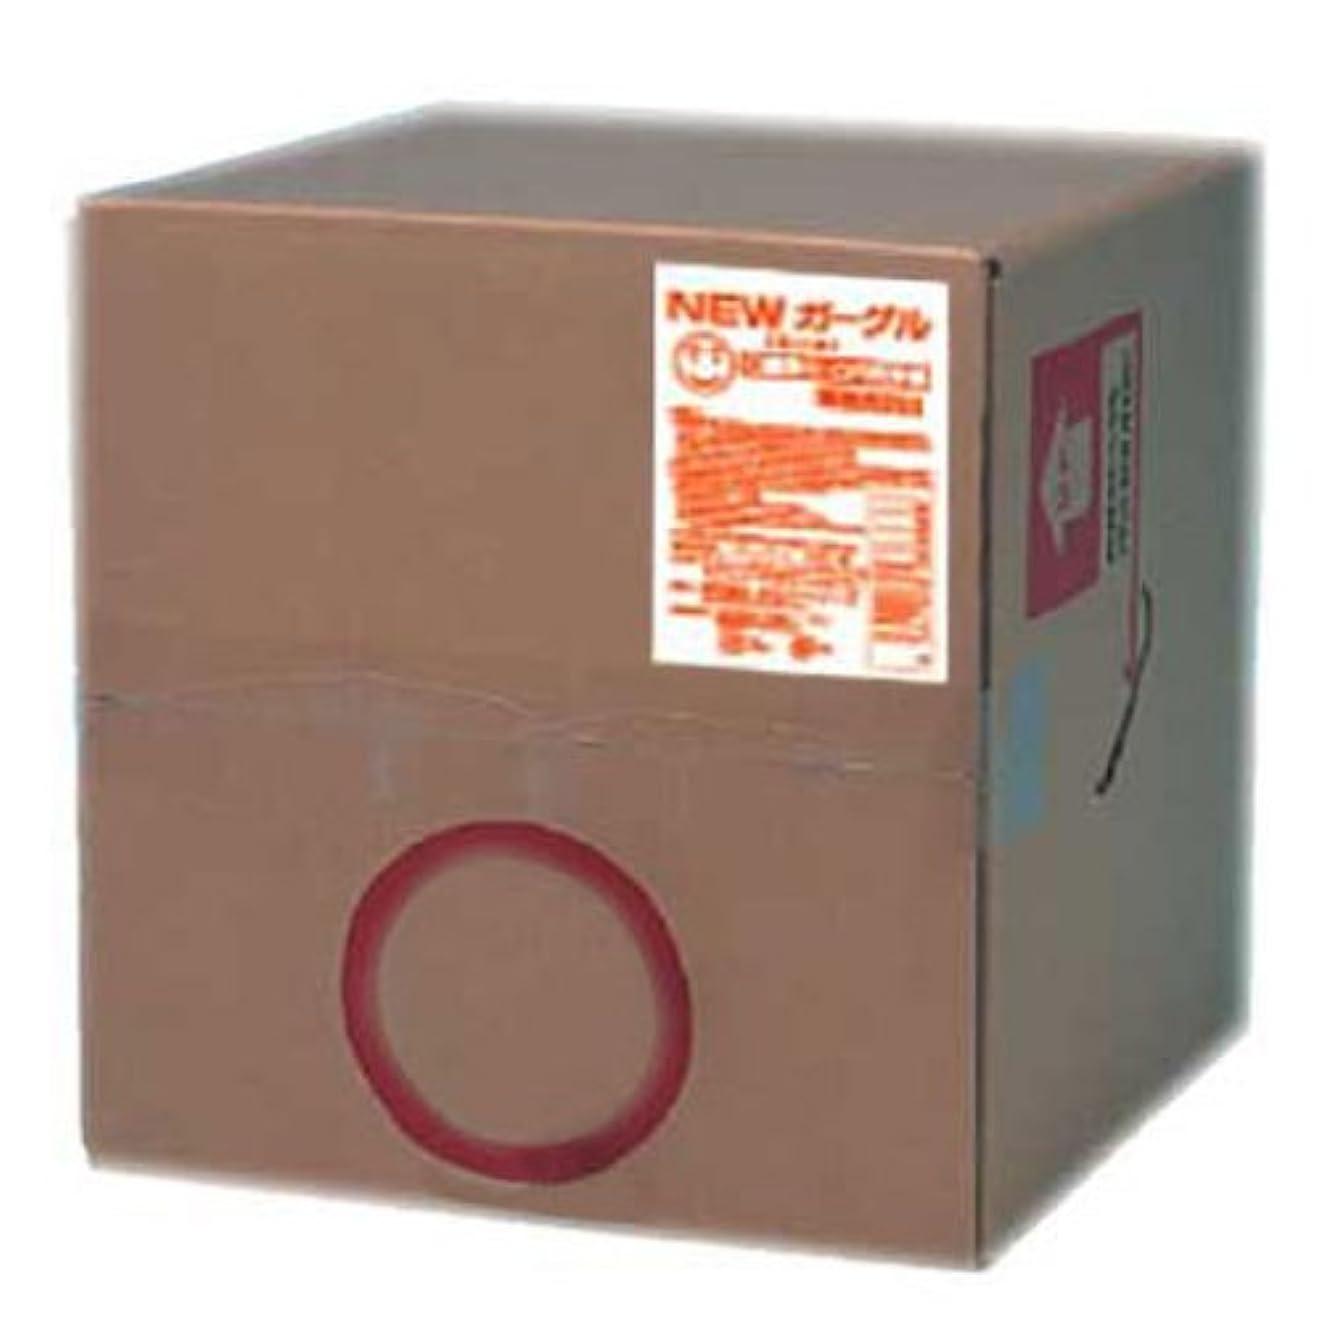 セーブどこ溝フレッシュうがい液 ガーグル マウスウォッシュ業務用洗口液 20L 25倍濃縮お得タイプ